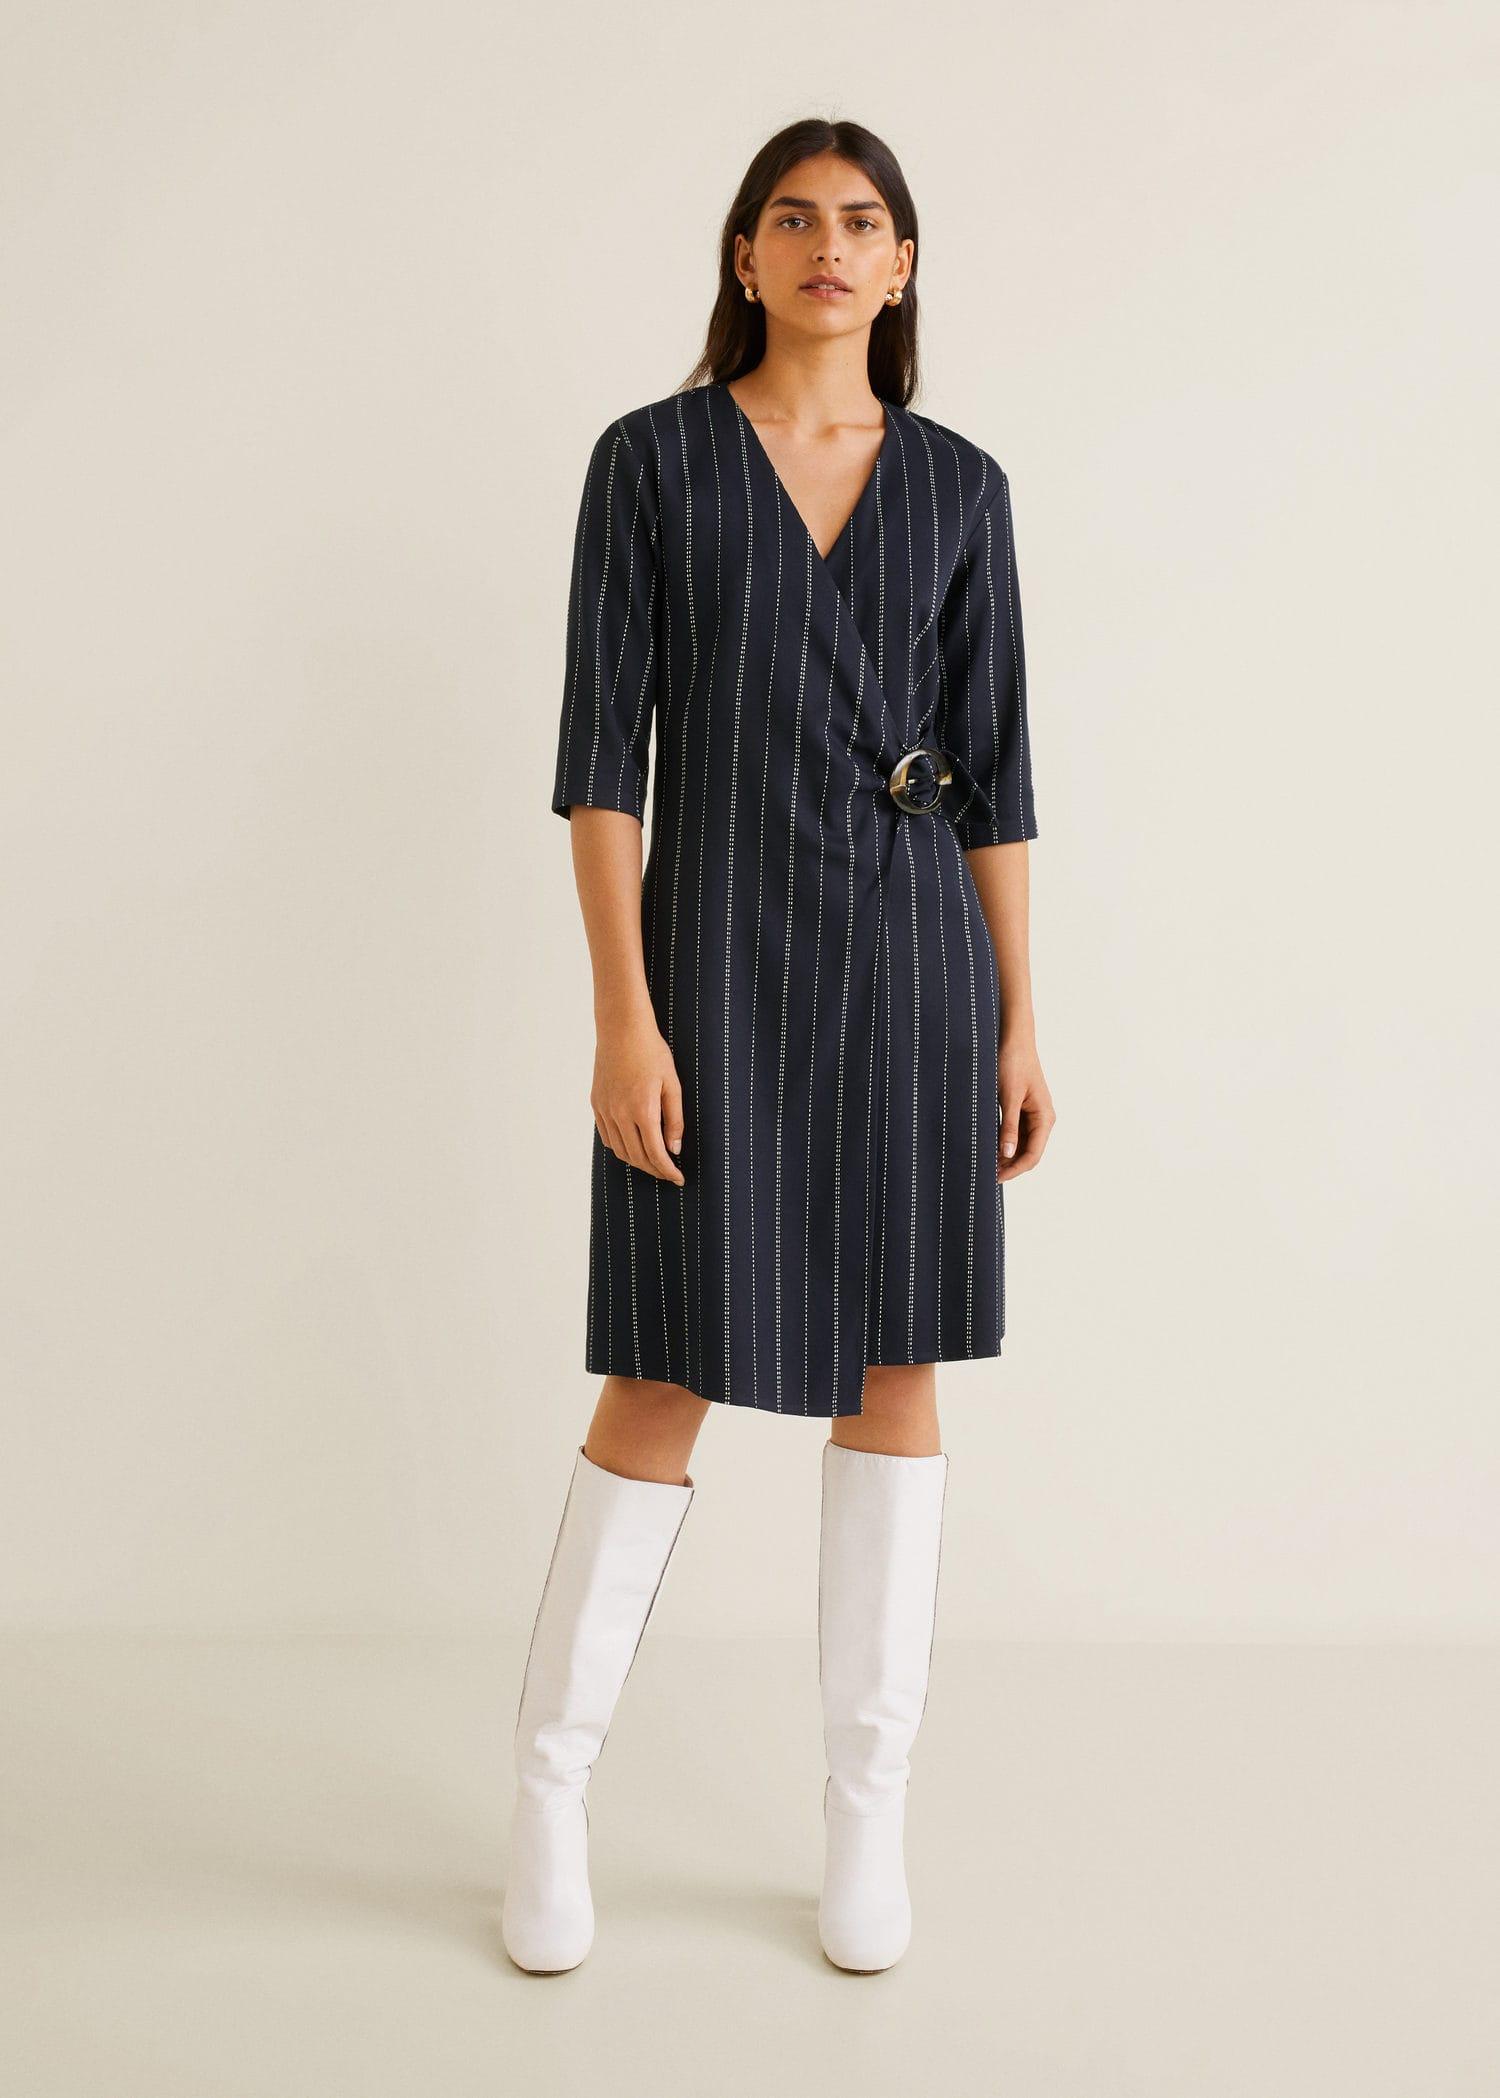 Vêtements pour Femme 2019   MANGO France (La Réunion) ef25b2bf3e8c